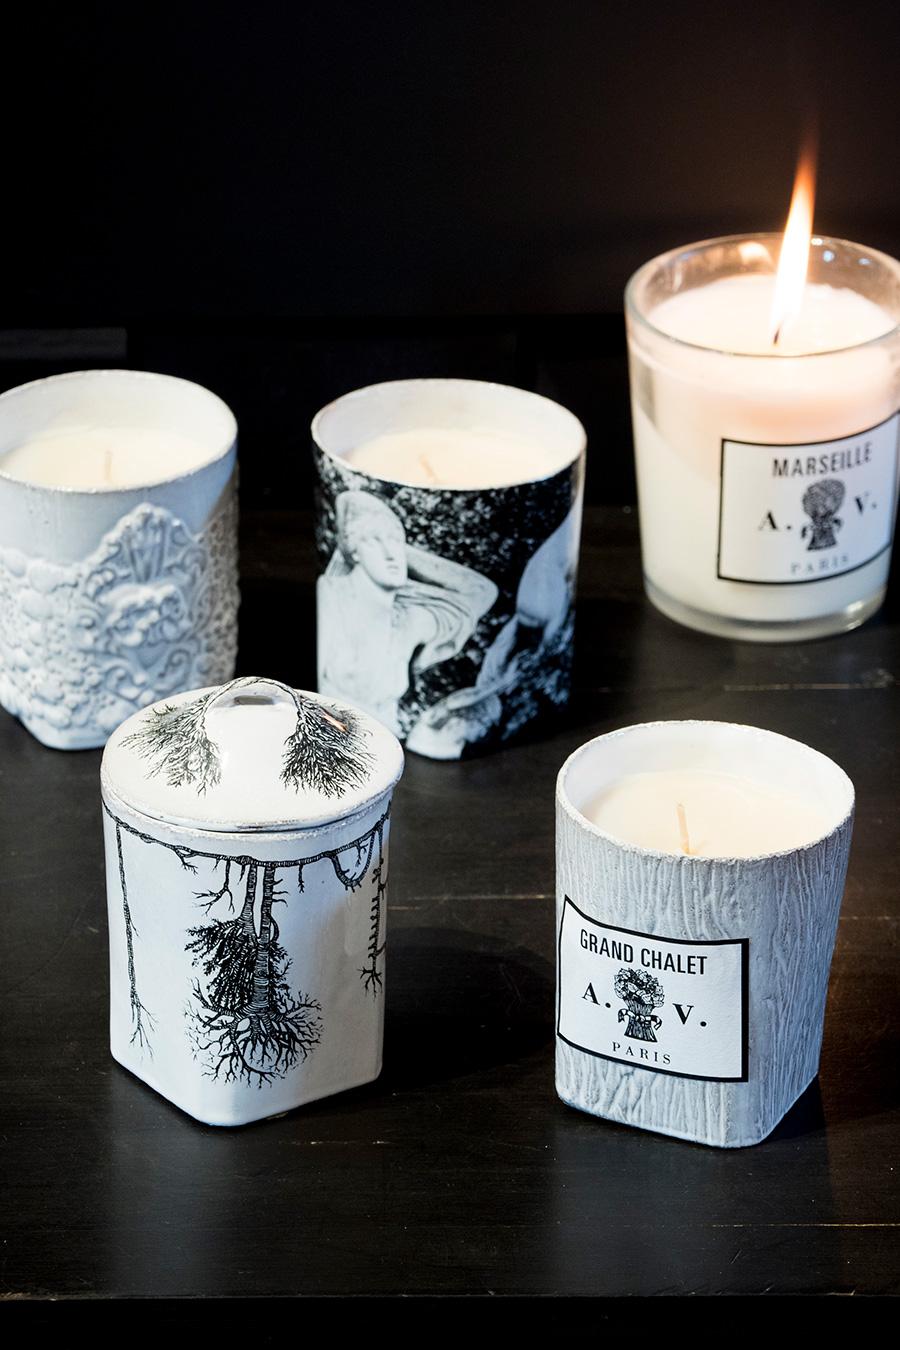 贅沢な陶器コレクション グラン・シャレ  ¥24,000 パレ・ド・トーキョー蓋付き  ¥22,000  蓋  ¥15,000 パレ・ド・トーキョー  ¥22,000 ヴィラ・メディシス  ¥24,000